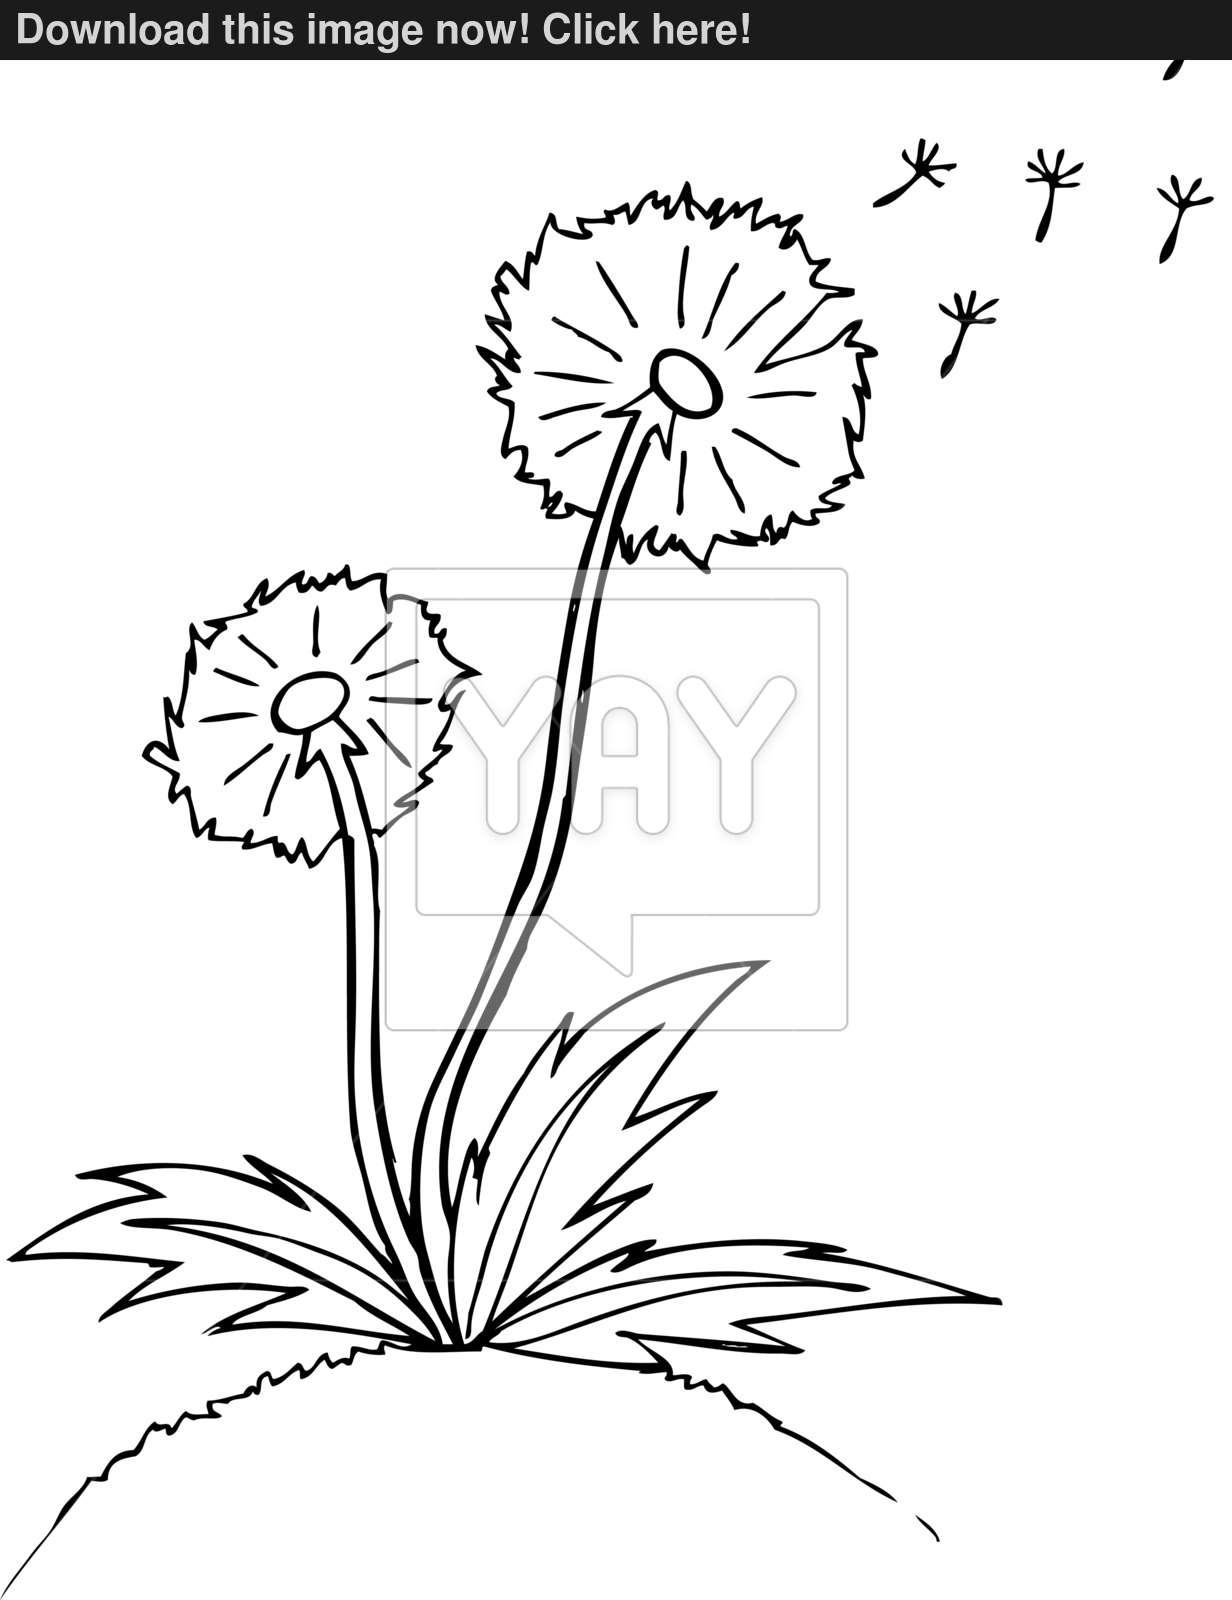 1232x1600 Vector Illustration. Dandelion. Black Outline Sketch Vector